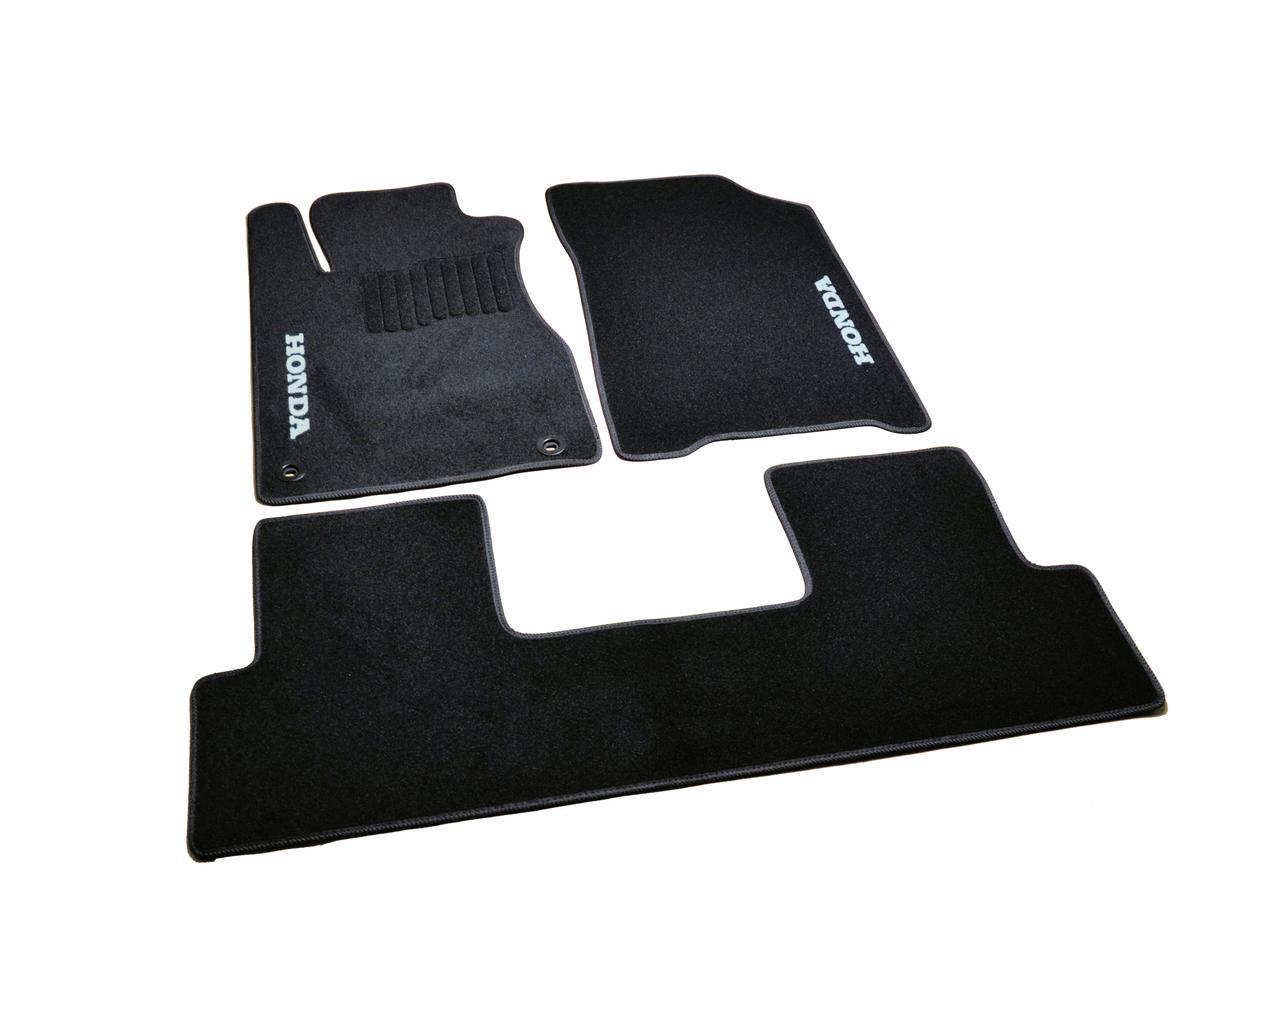 Коврики в салон ворсовые AVTM для Honda CR-V (2012-) (АКПП) /Чёрные, кт. 3шт BLCCR1207